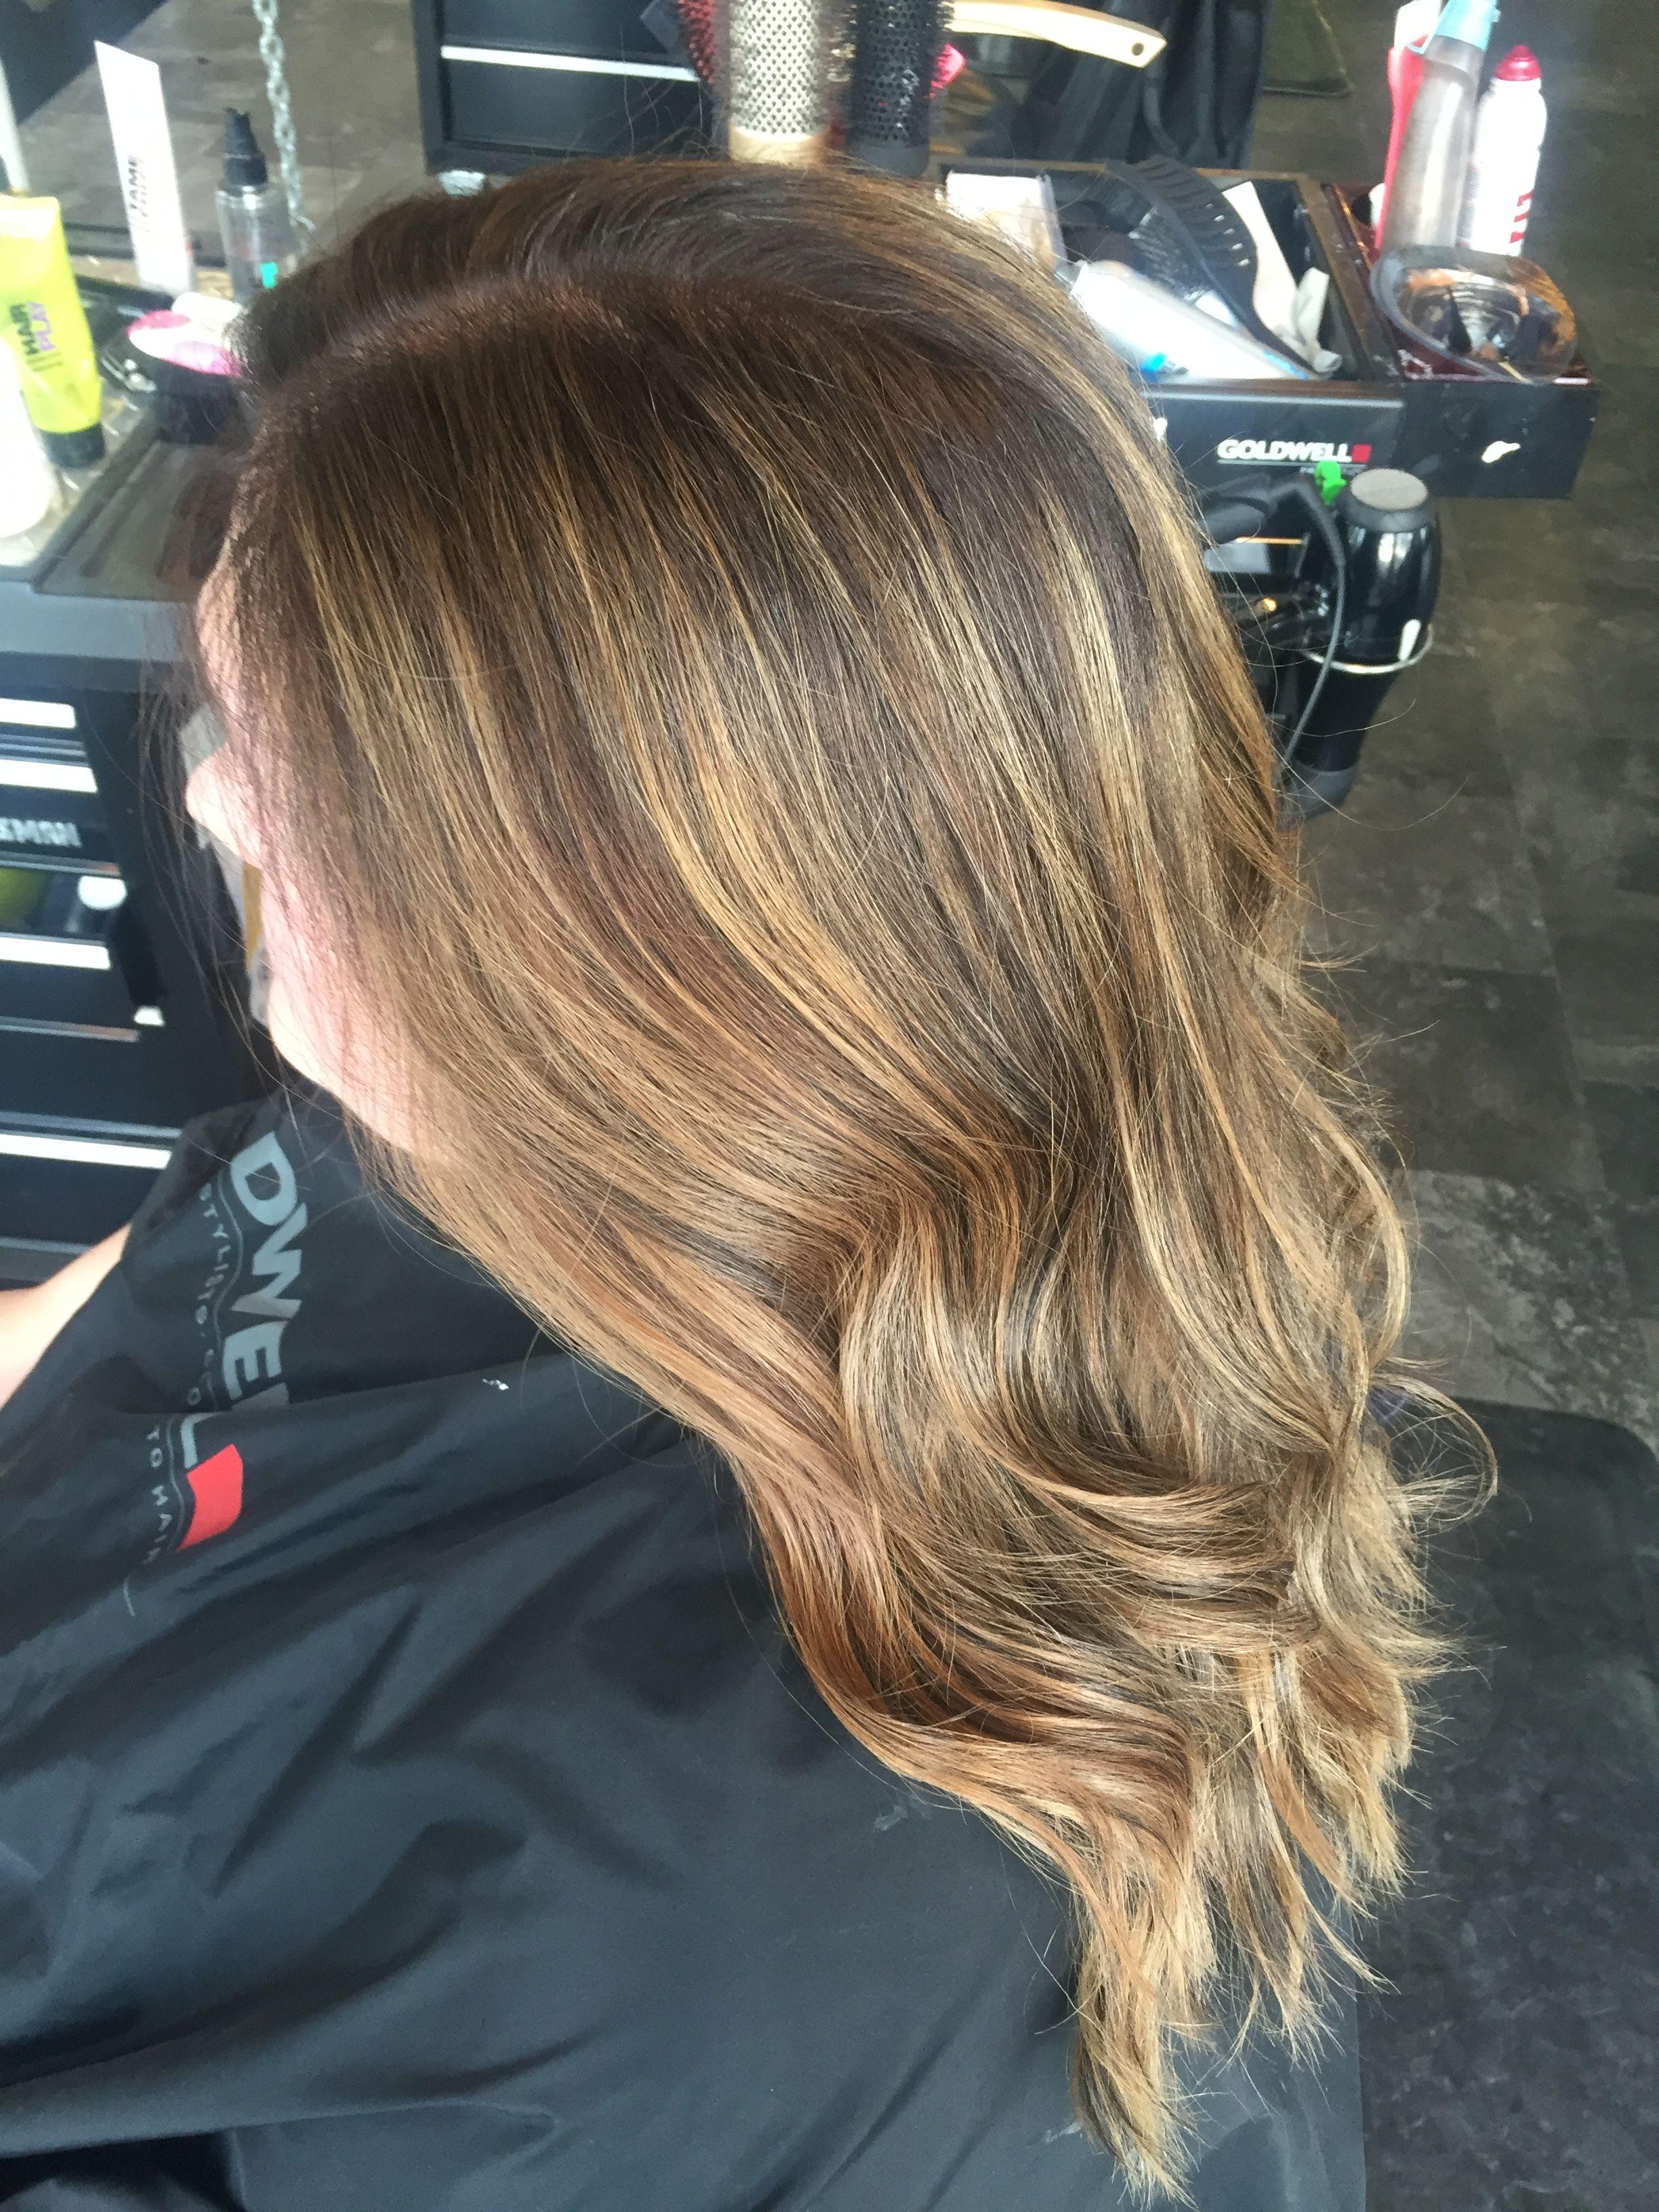 Foilayage #foilayage #hair #color #balayage